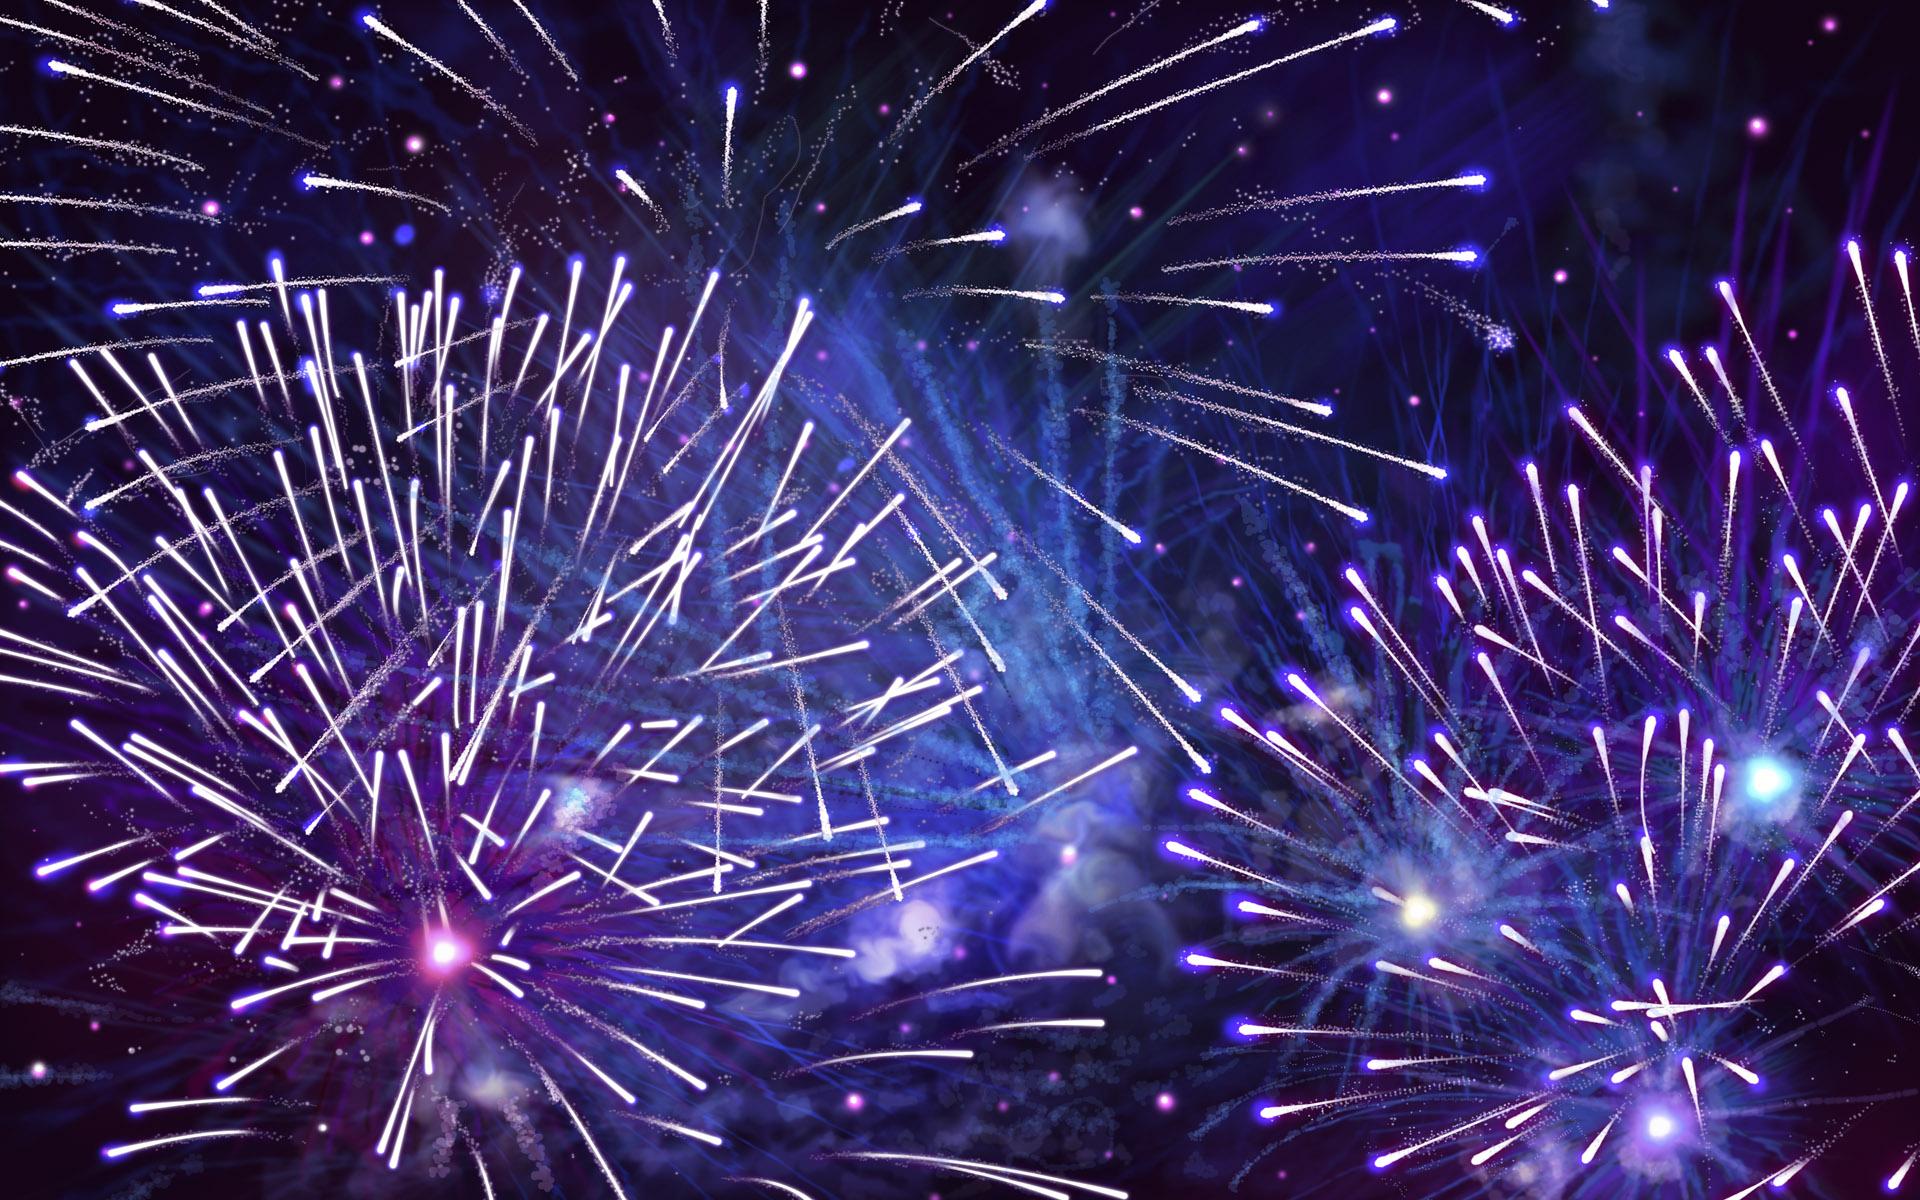 fireworks1 image